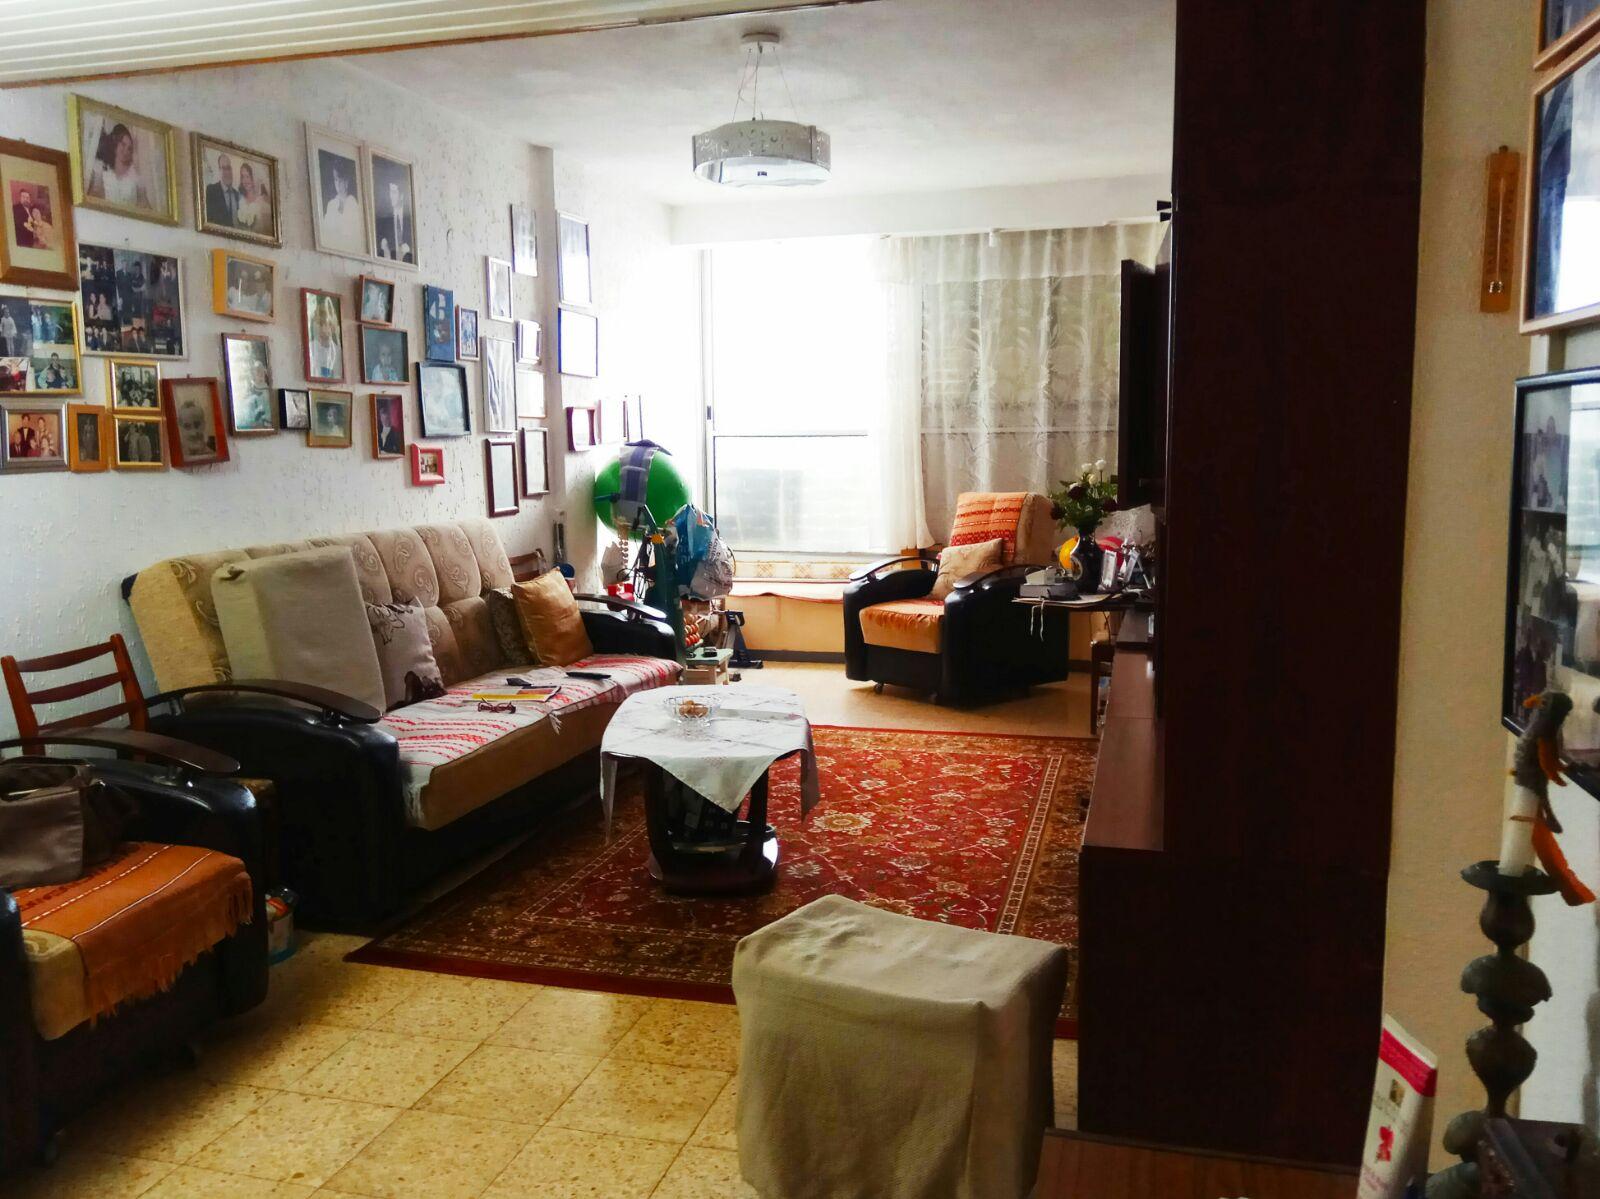 דירת 2.5 חדרים בבת ים למכירה, בת ים